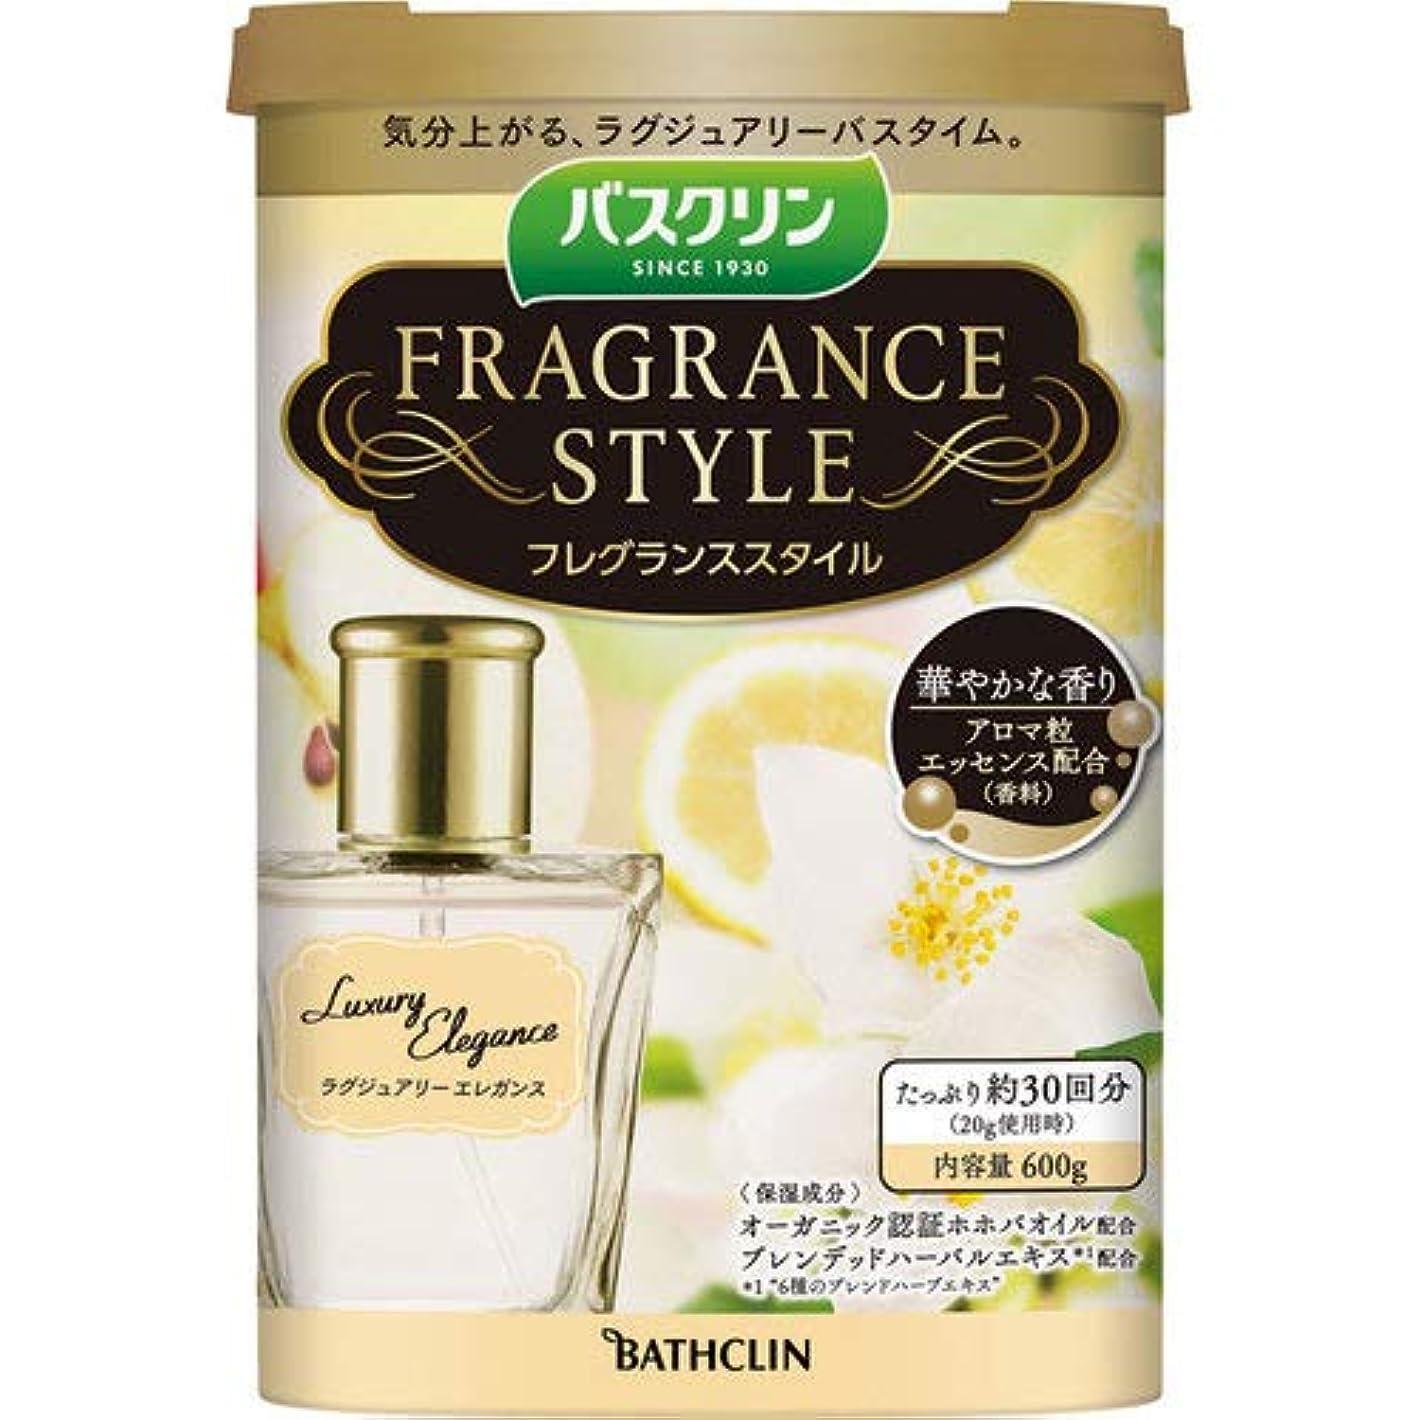 まあ巨大な感嘆バスクリンフレグランススタイルラグジュアリー エレガンス 入浴剤 フローラルムスク調の香りの入浴剤 600g